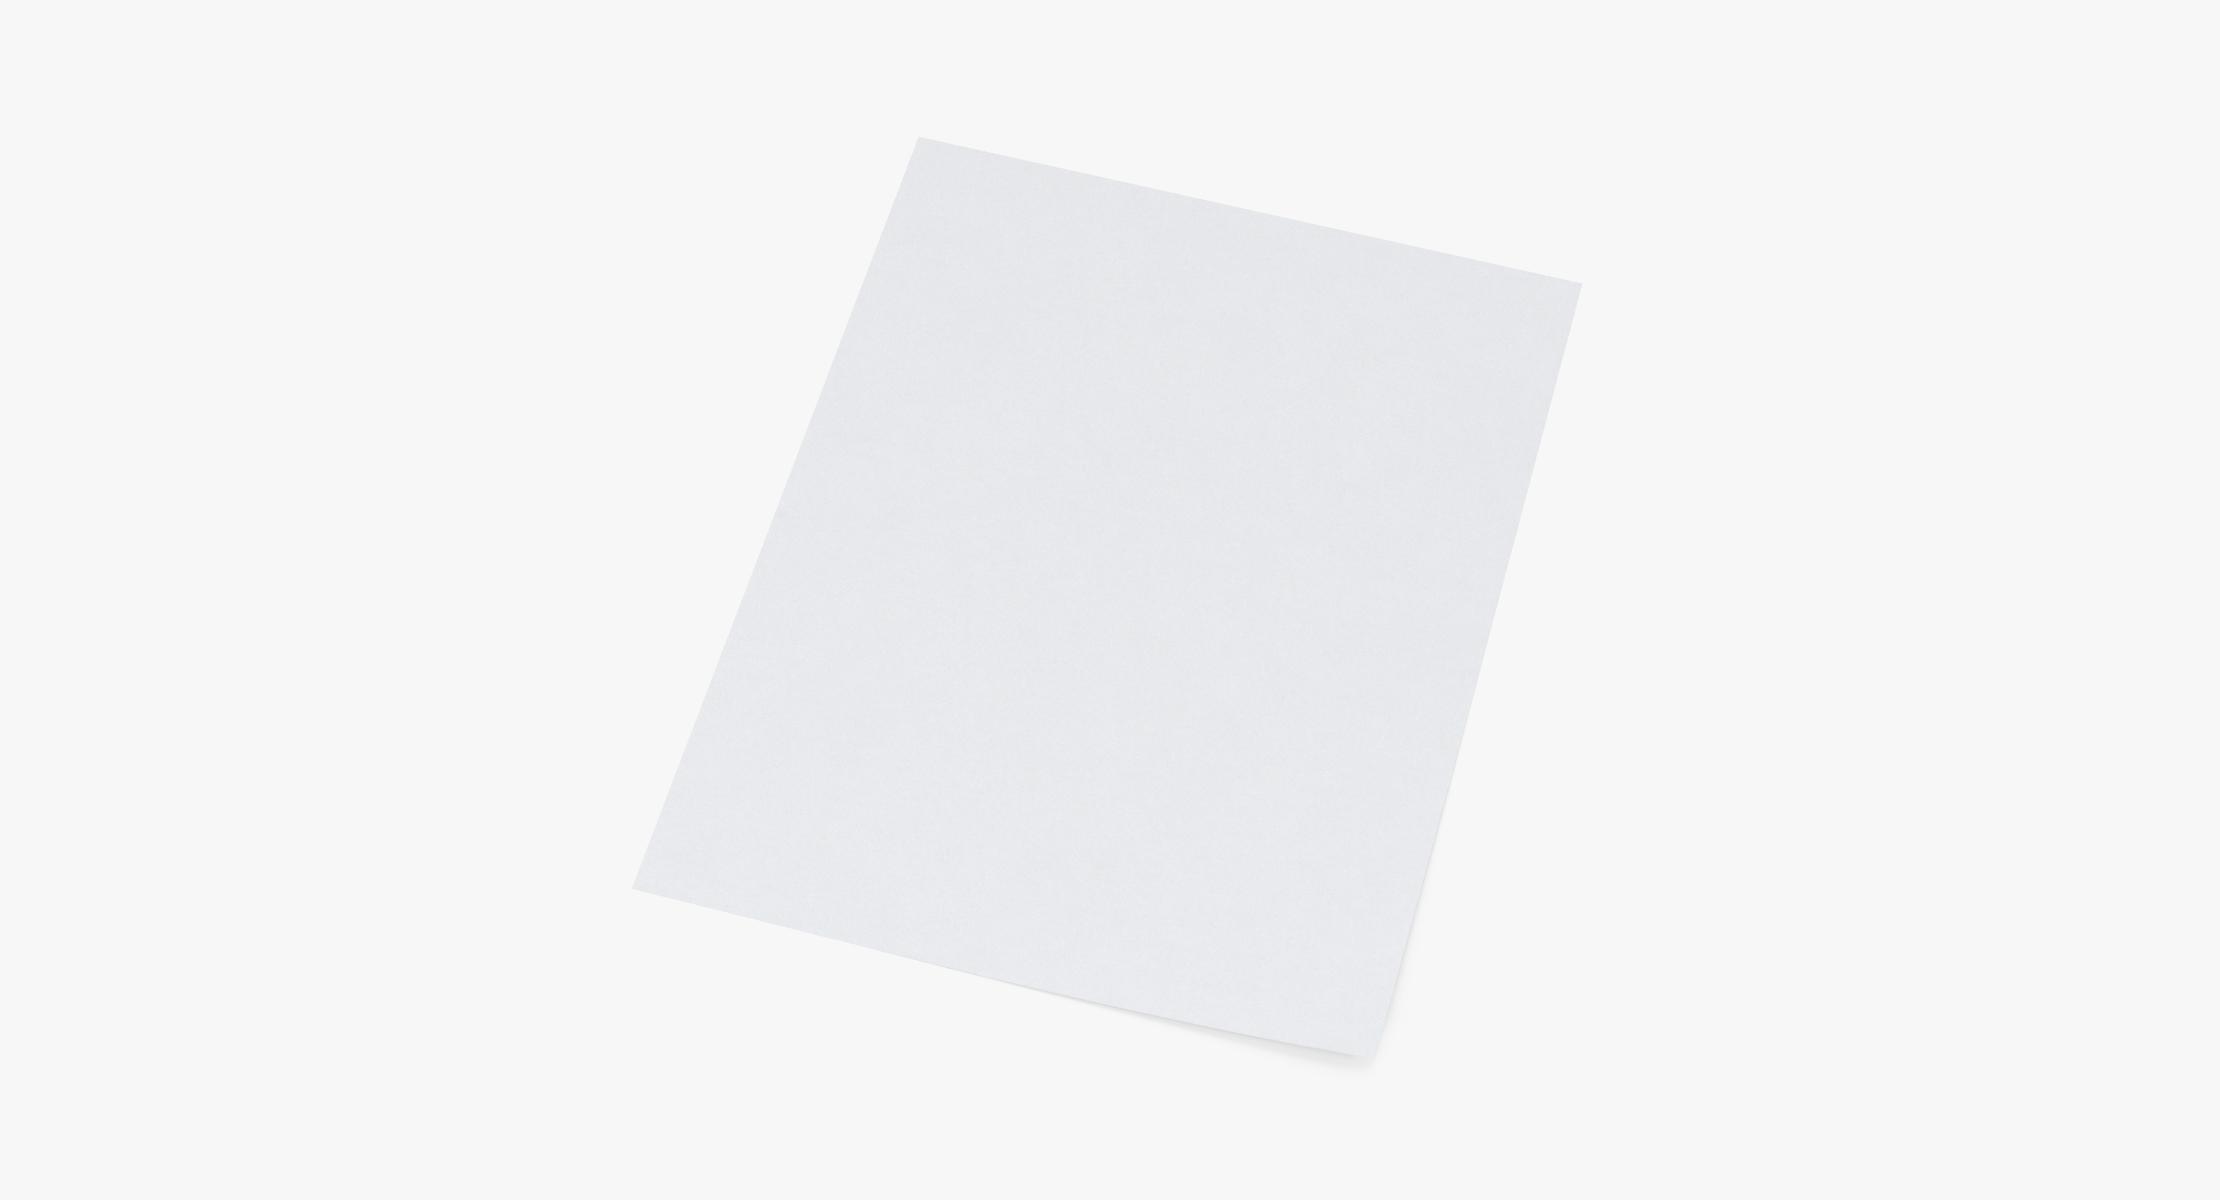 Single Paper Sheet 01 - reel 1